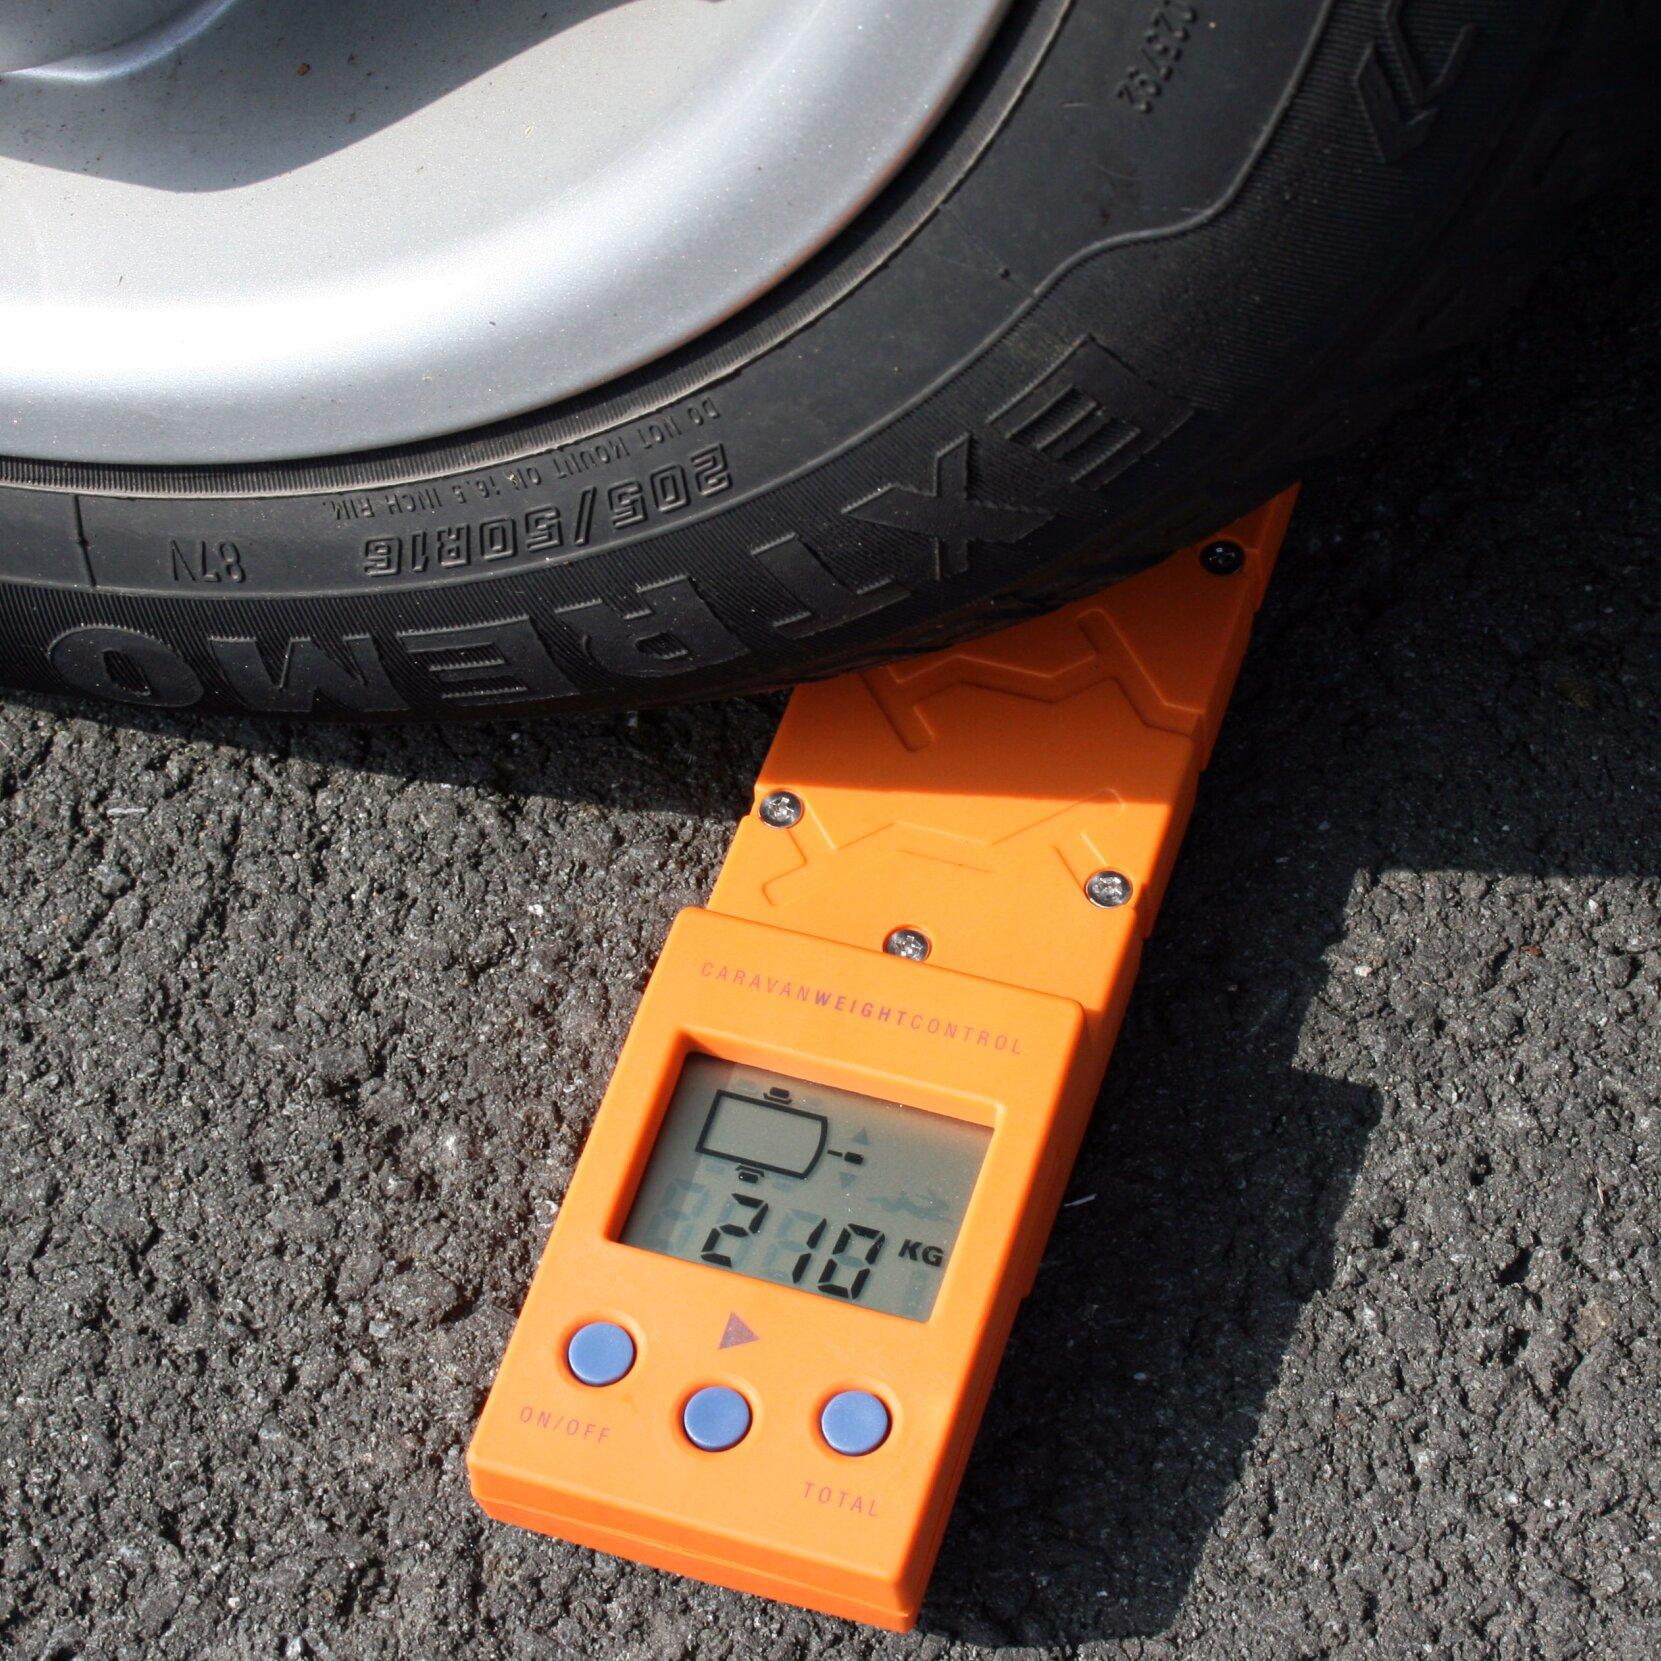 Fahrzeugwaage zur Kontrolle des Gesamtgewichts